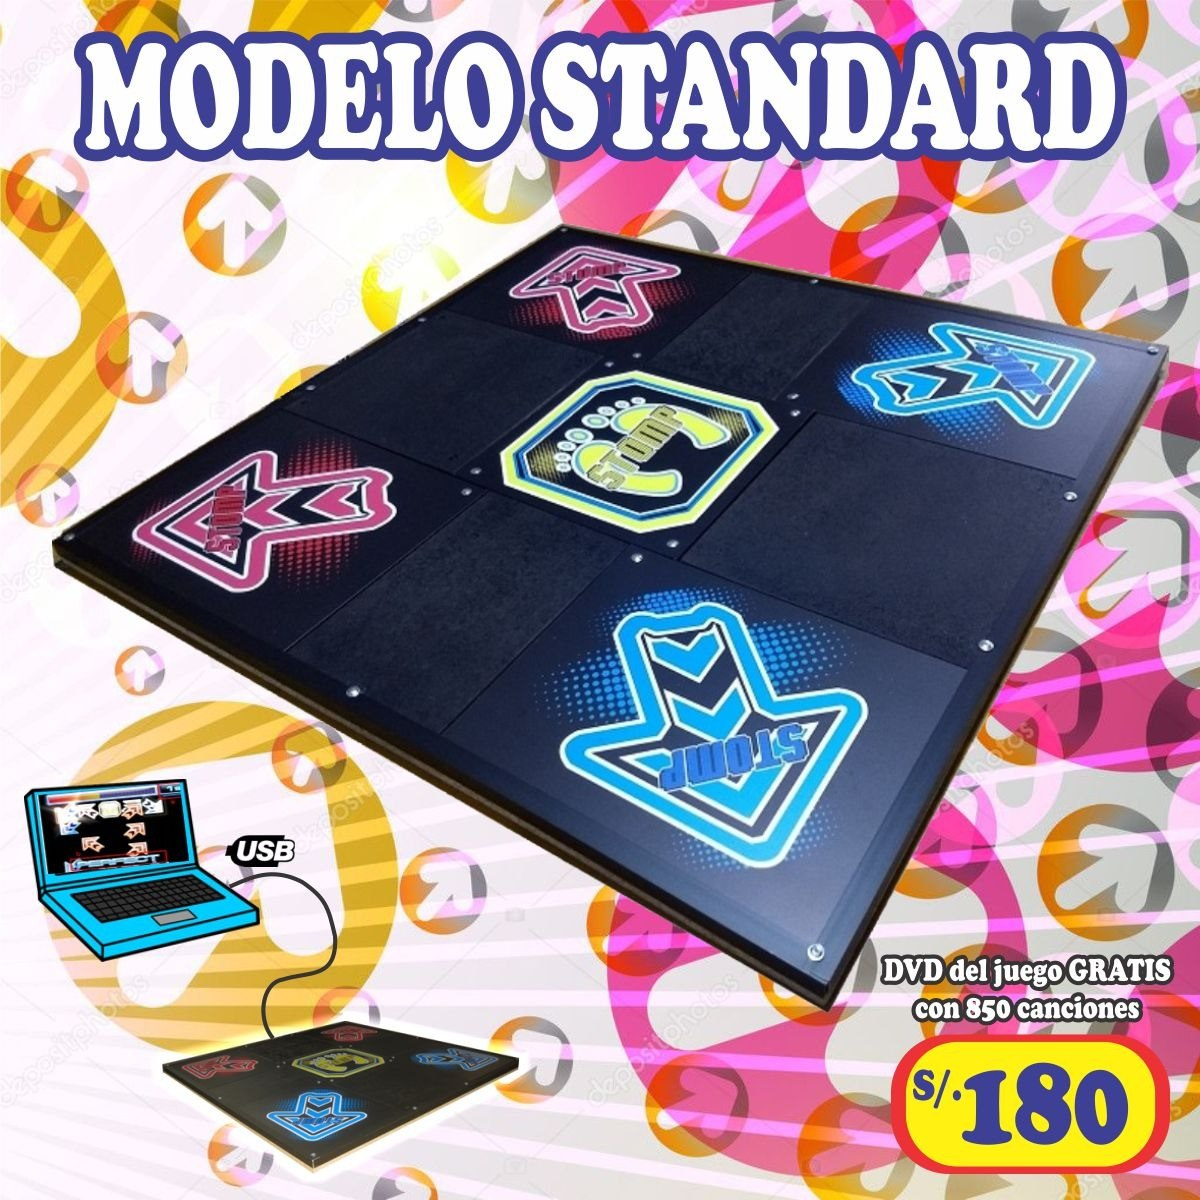 Baila En Casa Juego Gratis Para Pc O Laptop S 180 00 En Mercado